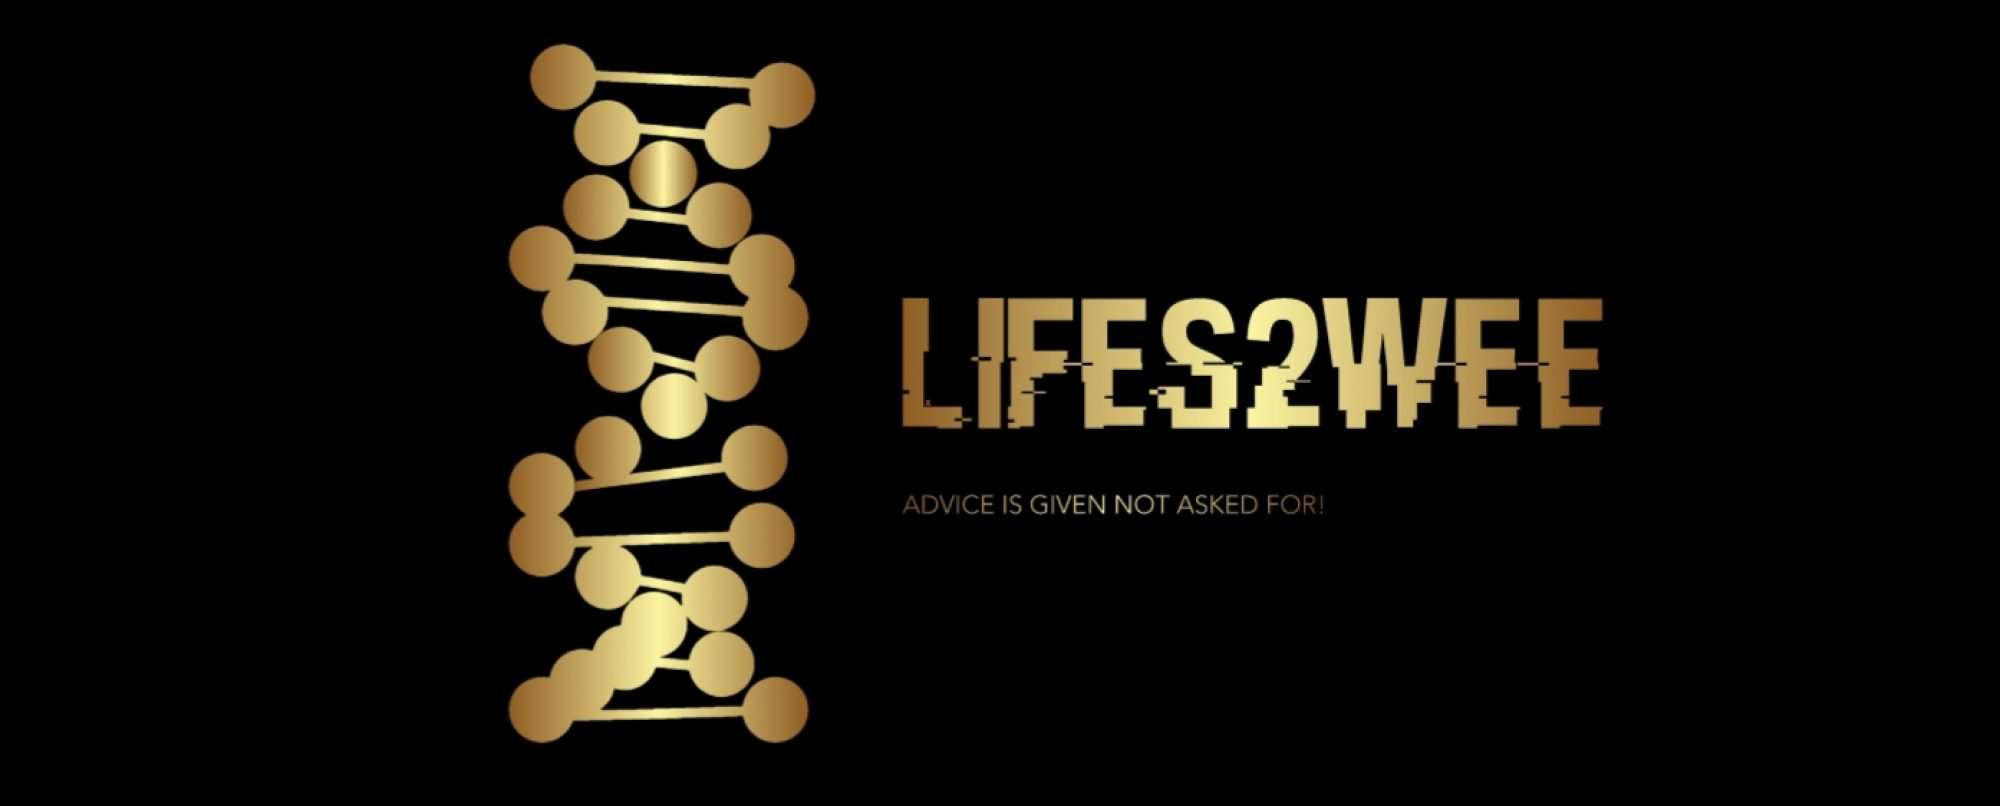 Lifes2wee